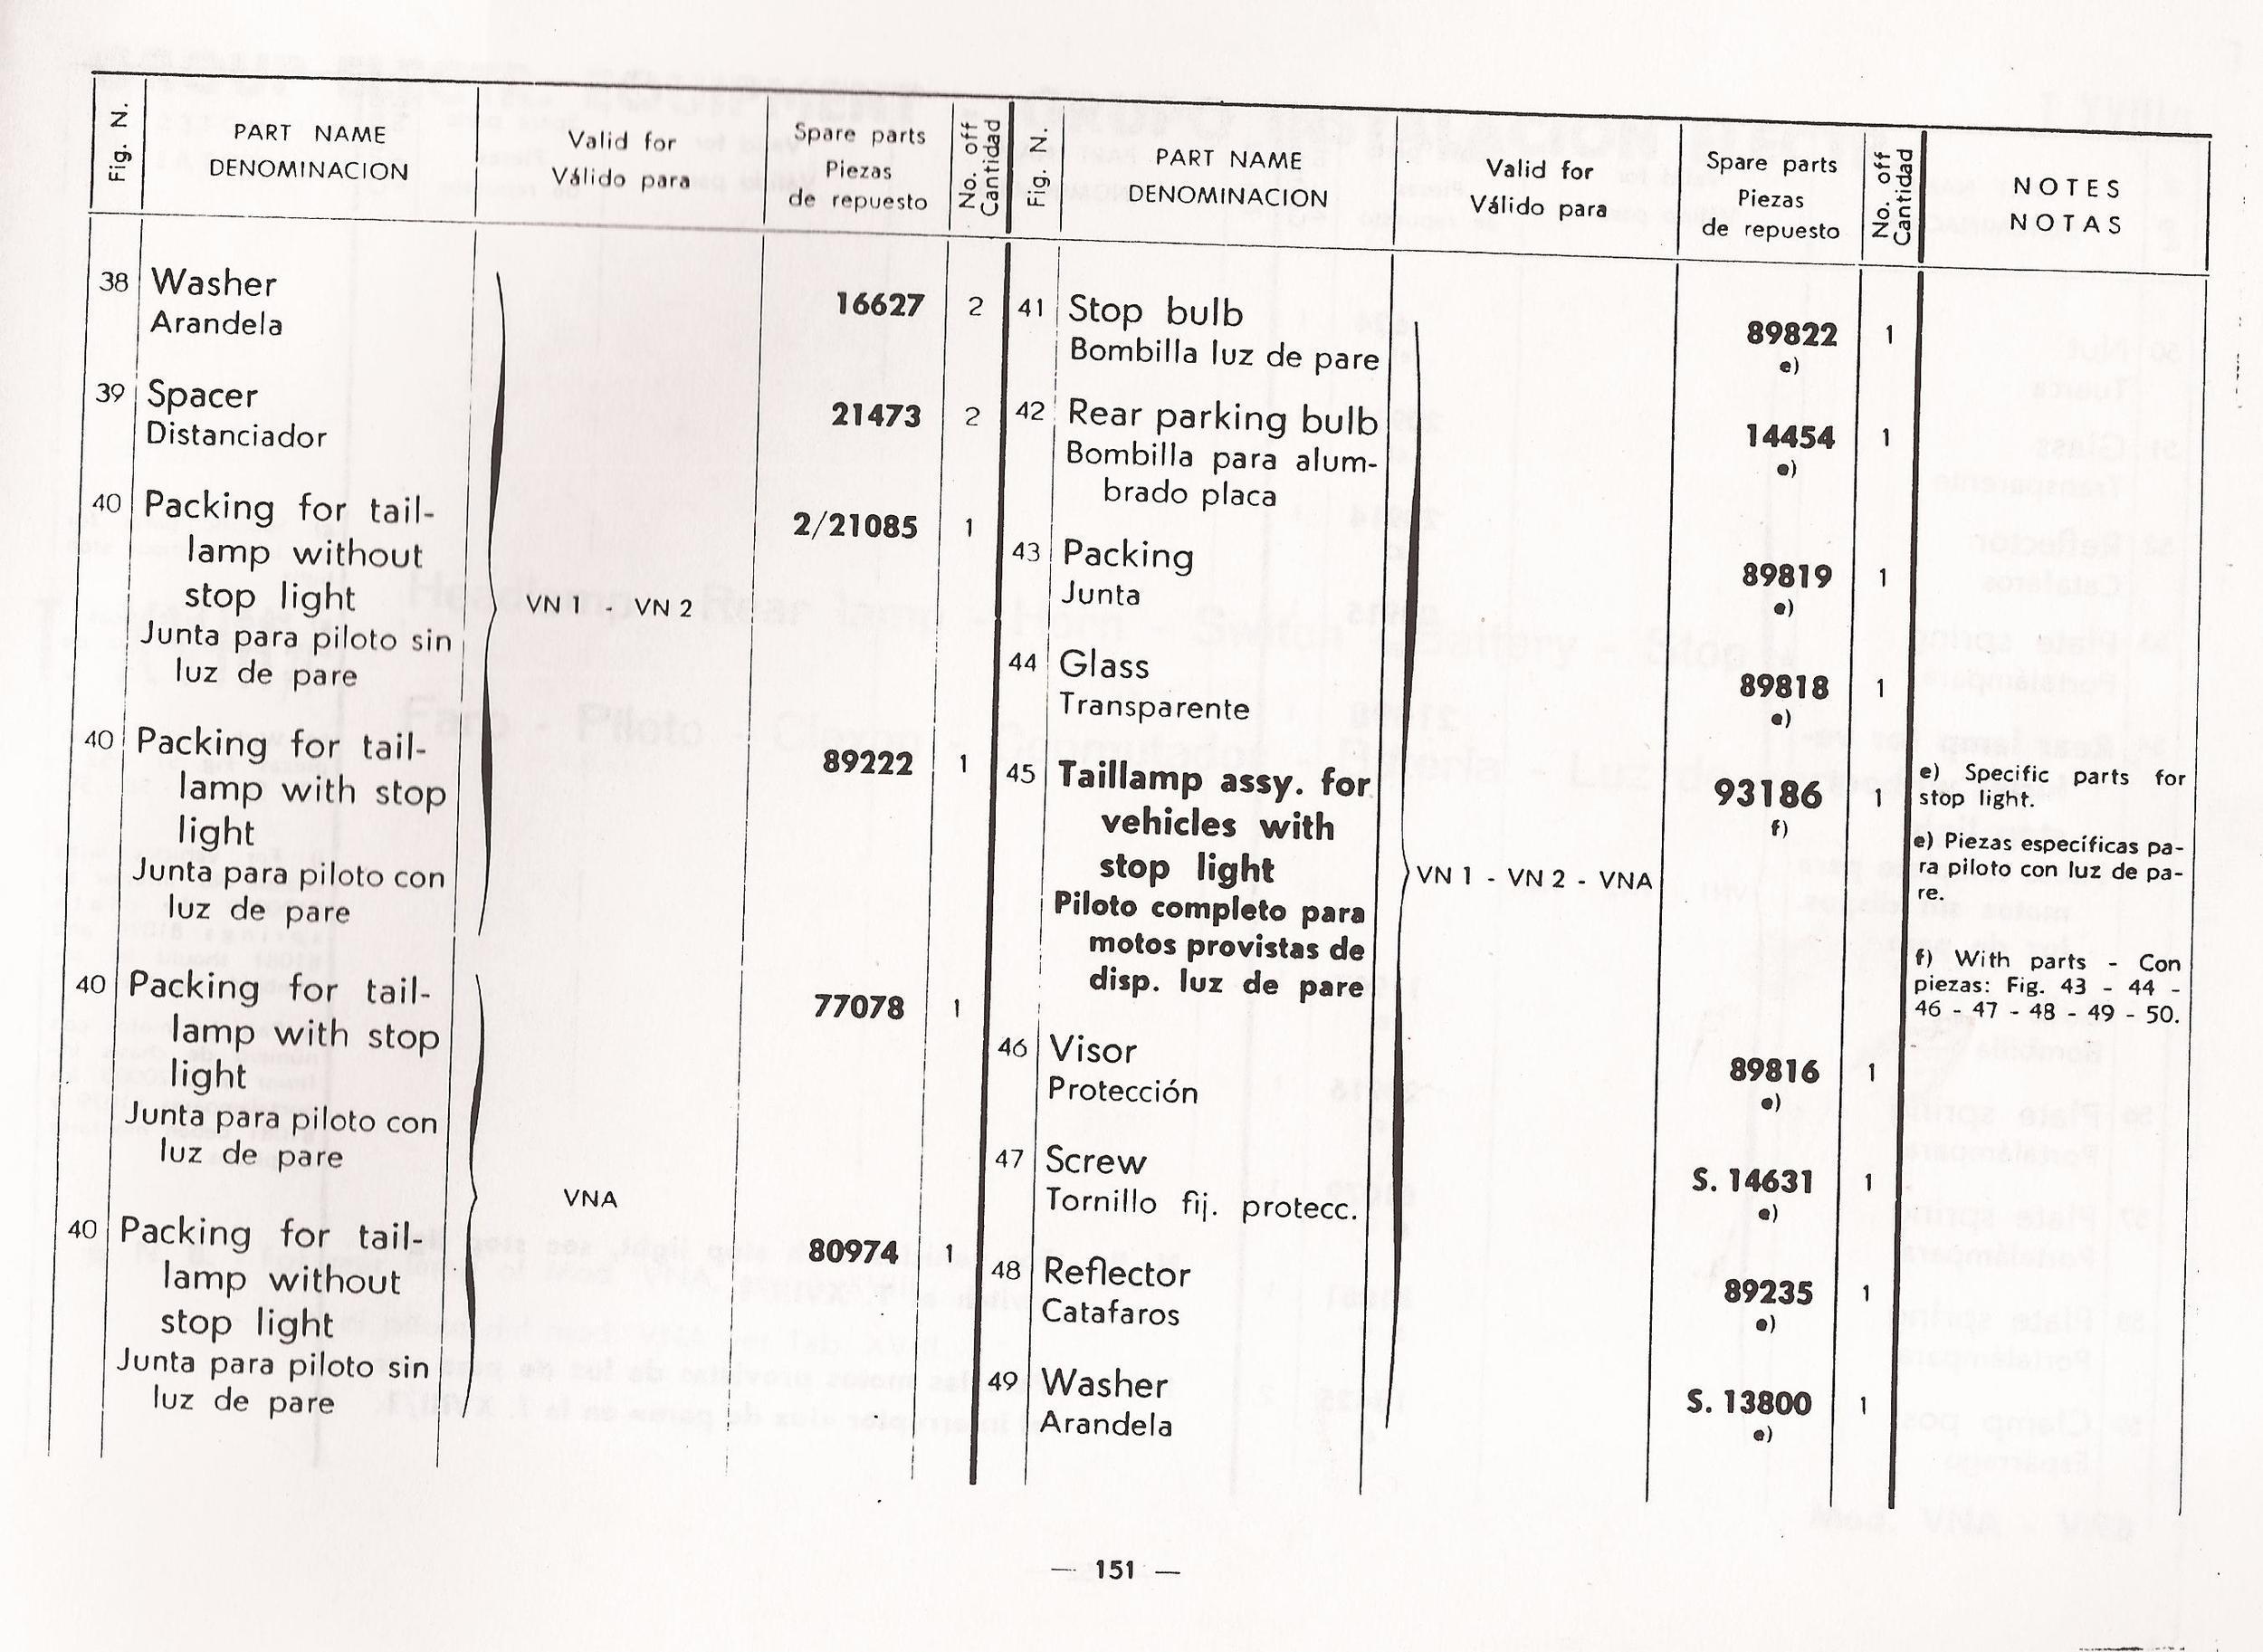 07-16-2013 vespa 125 catalog manuel 160.jpg